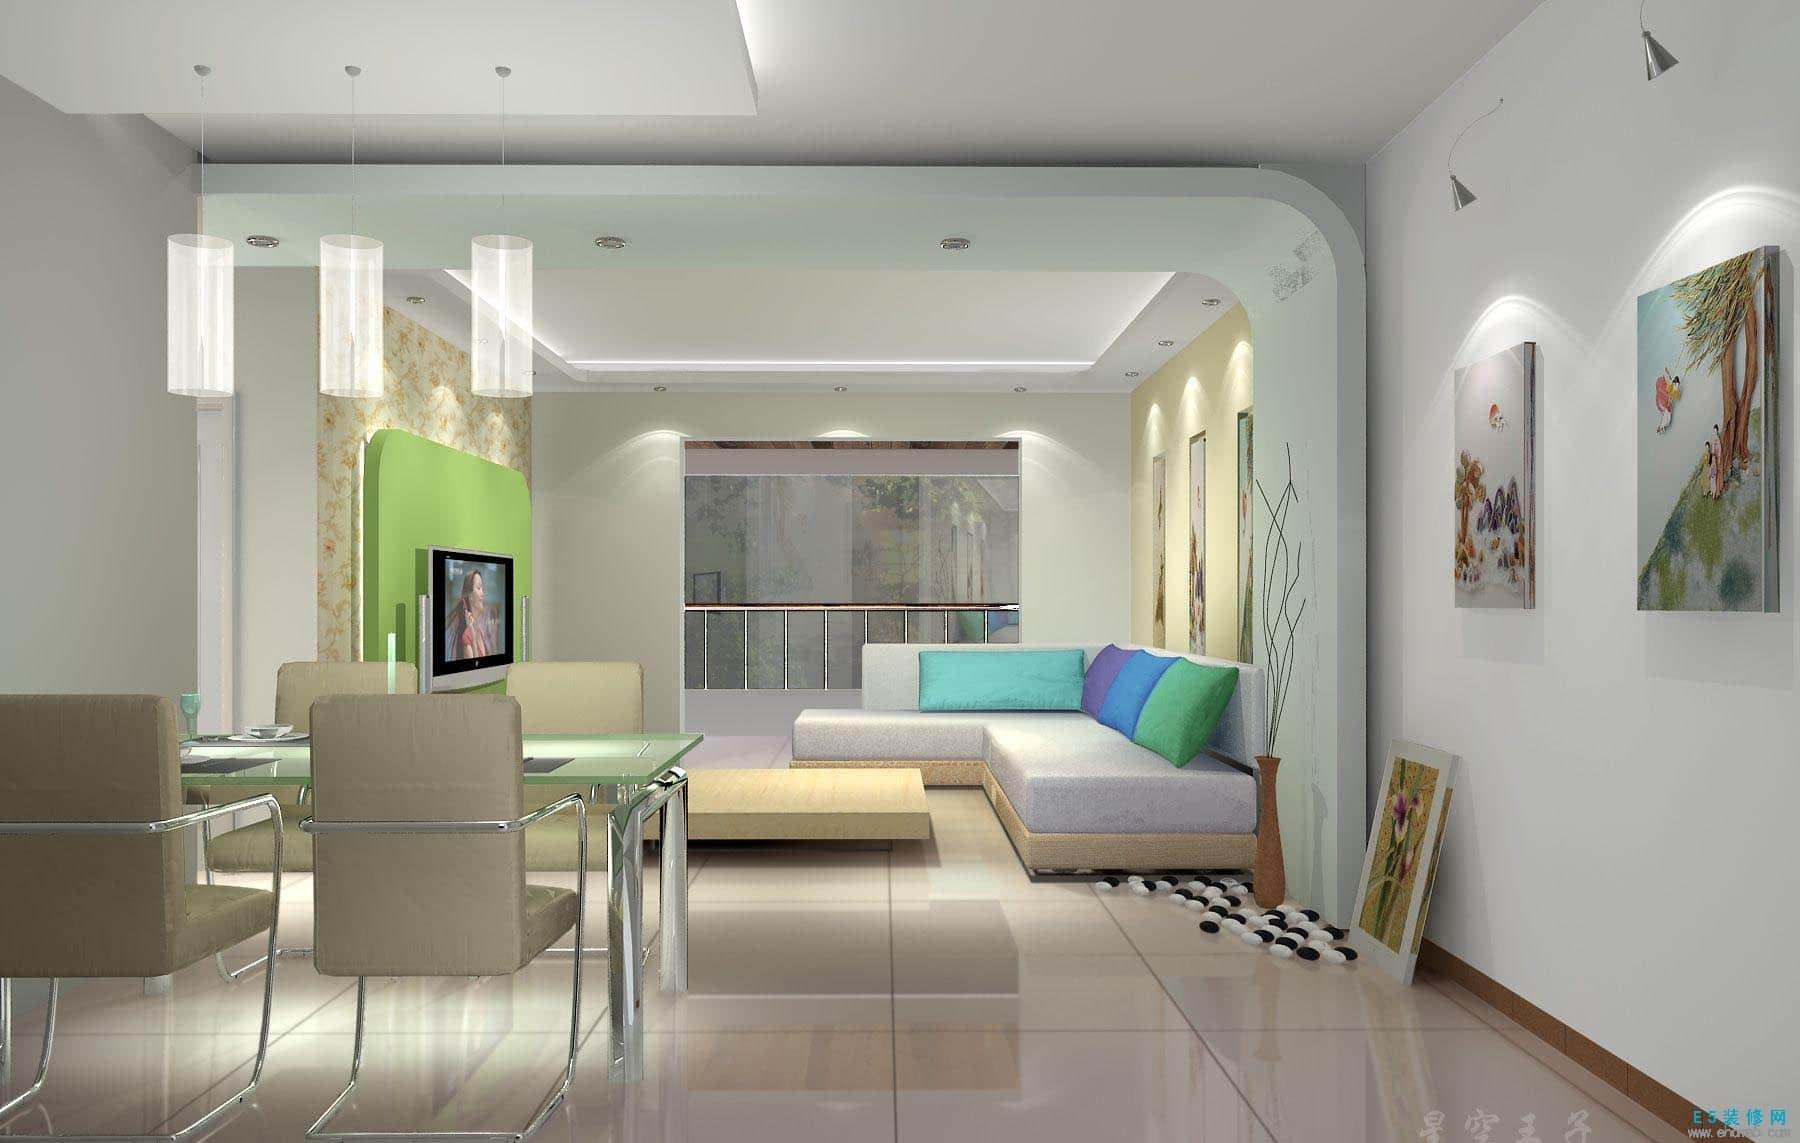 35 Modern Living Room Designs For 2018